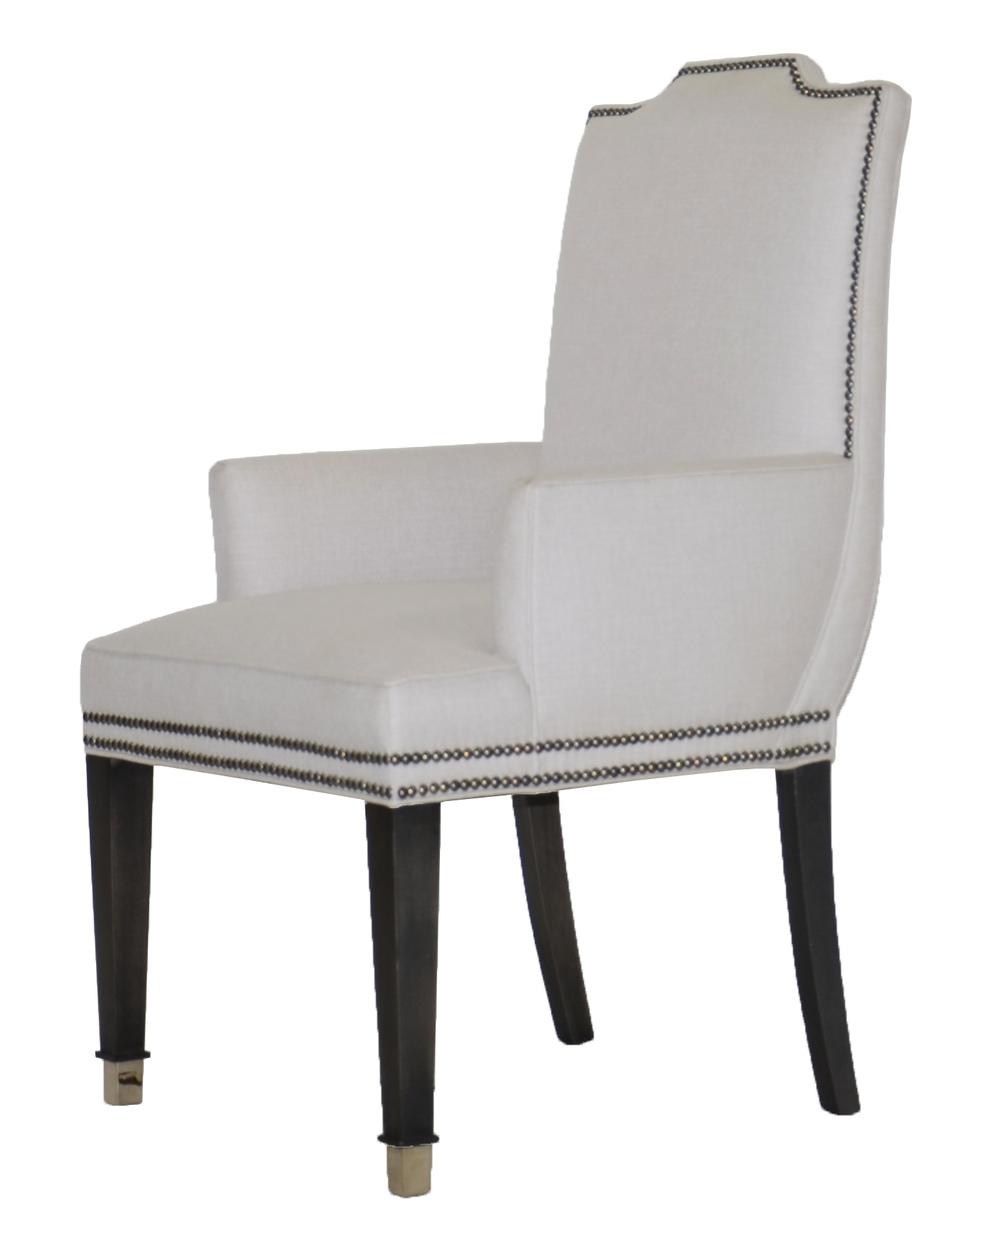 Vanguard Furniture - Travis Arm Chair